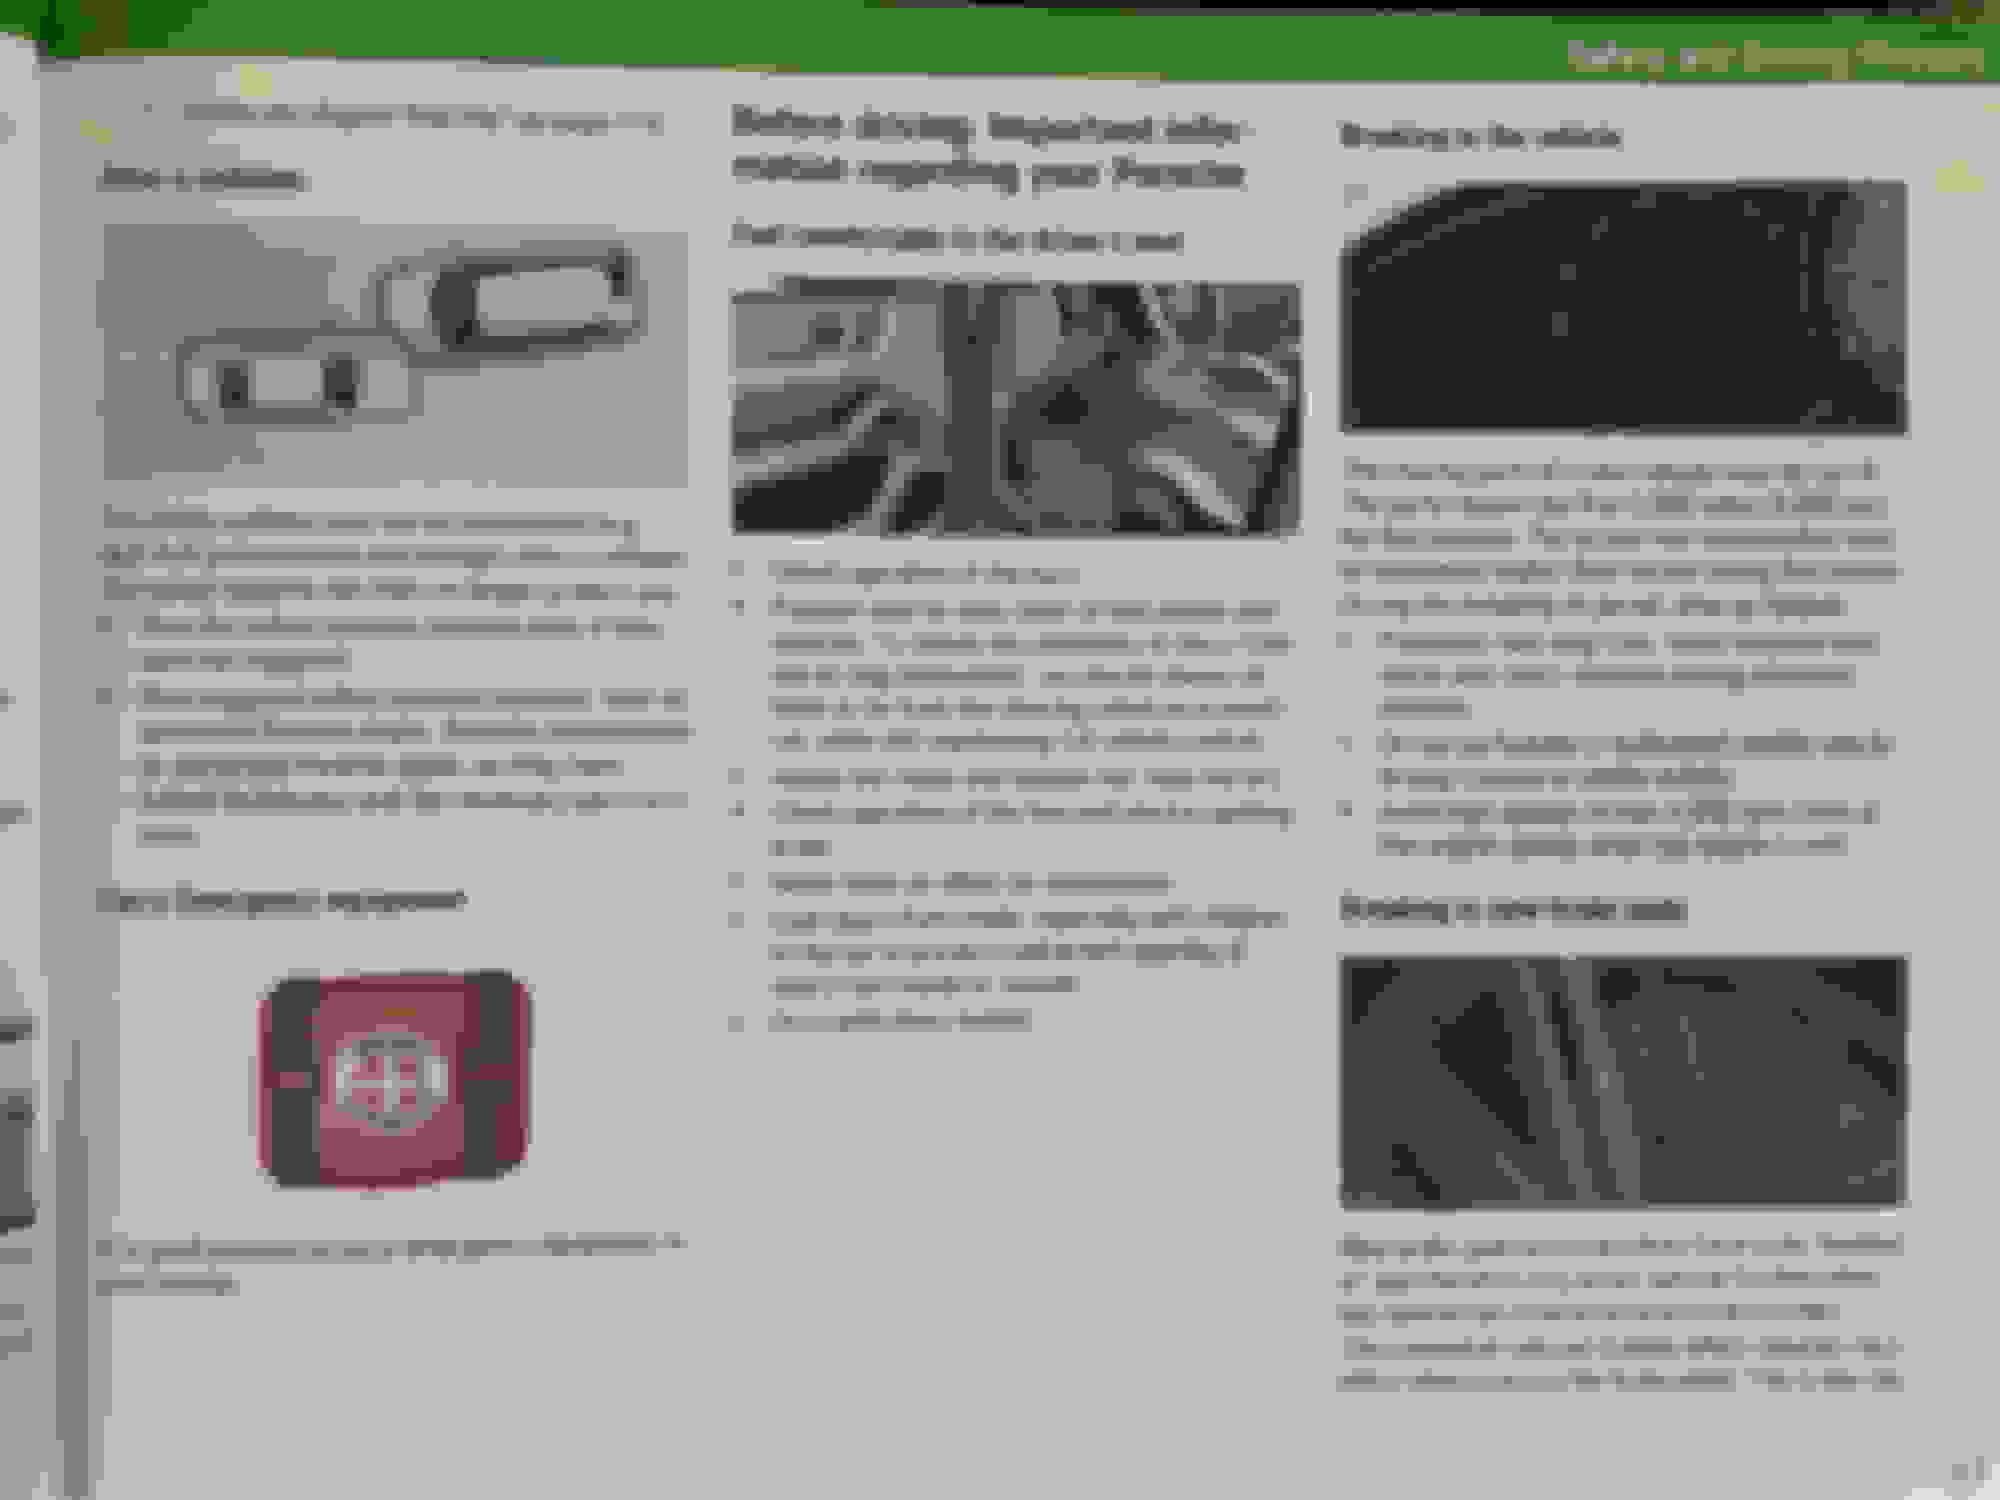 2019 Cayenne owners manual in PDF - Rennlist - Porsche